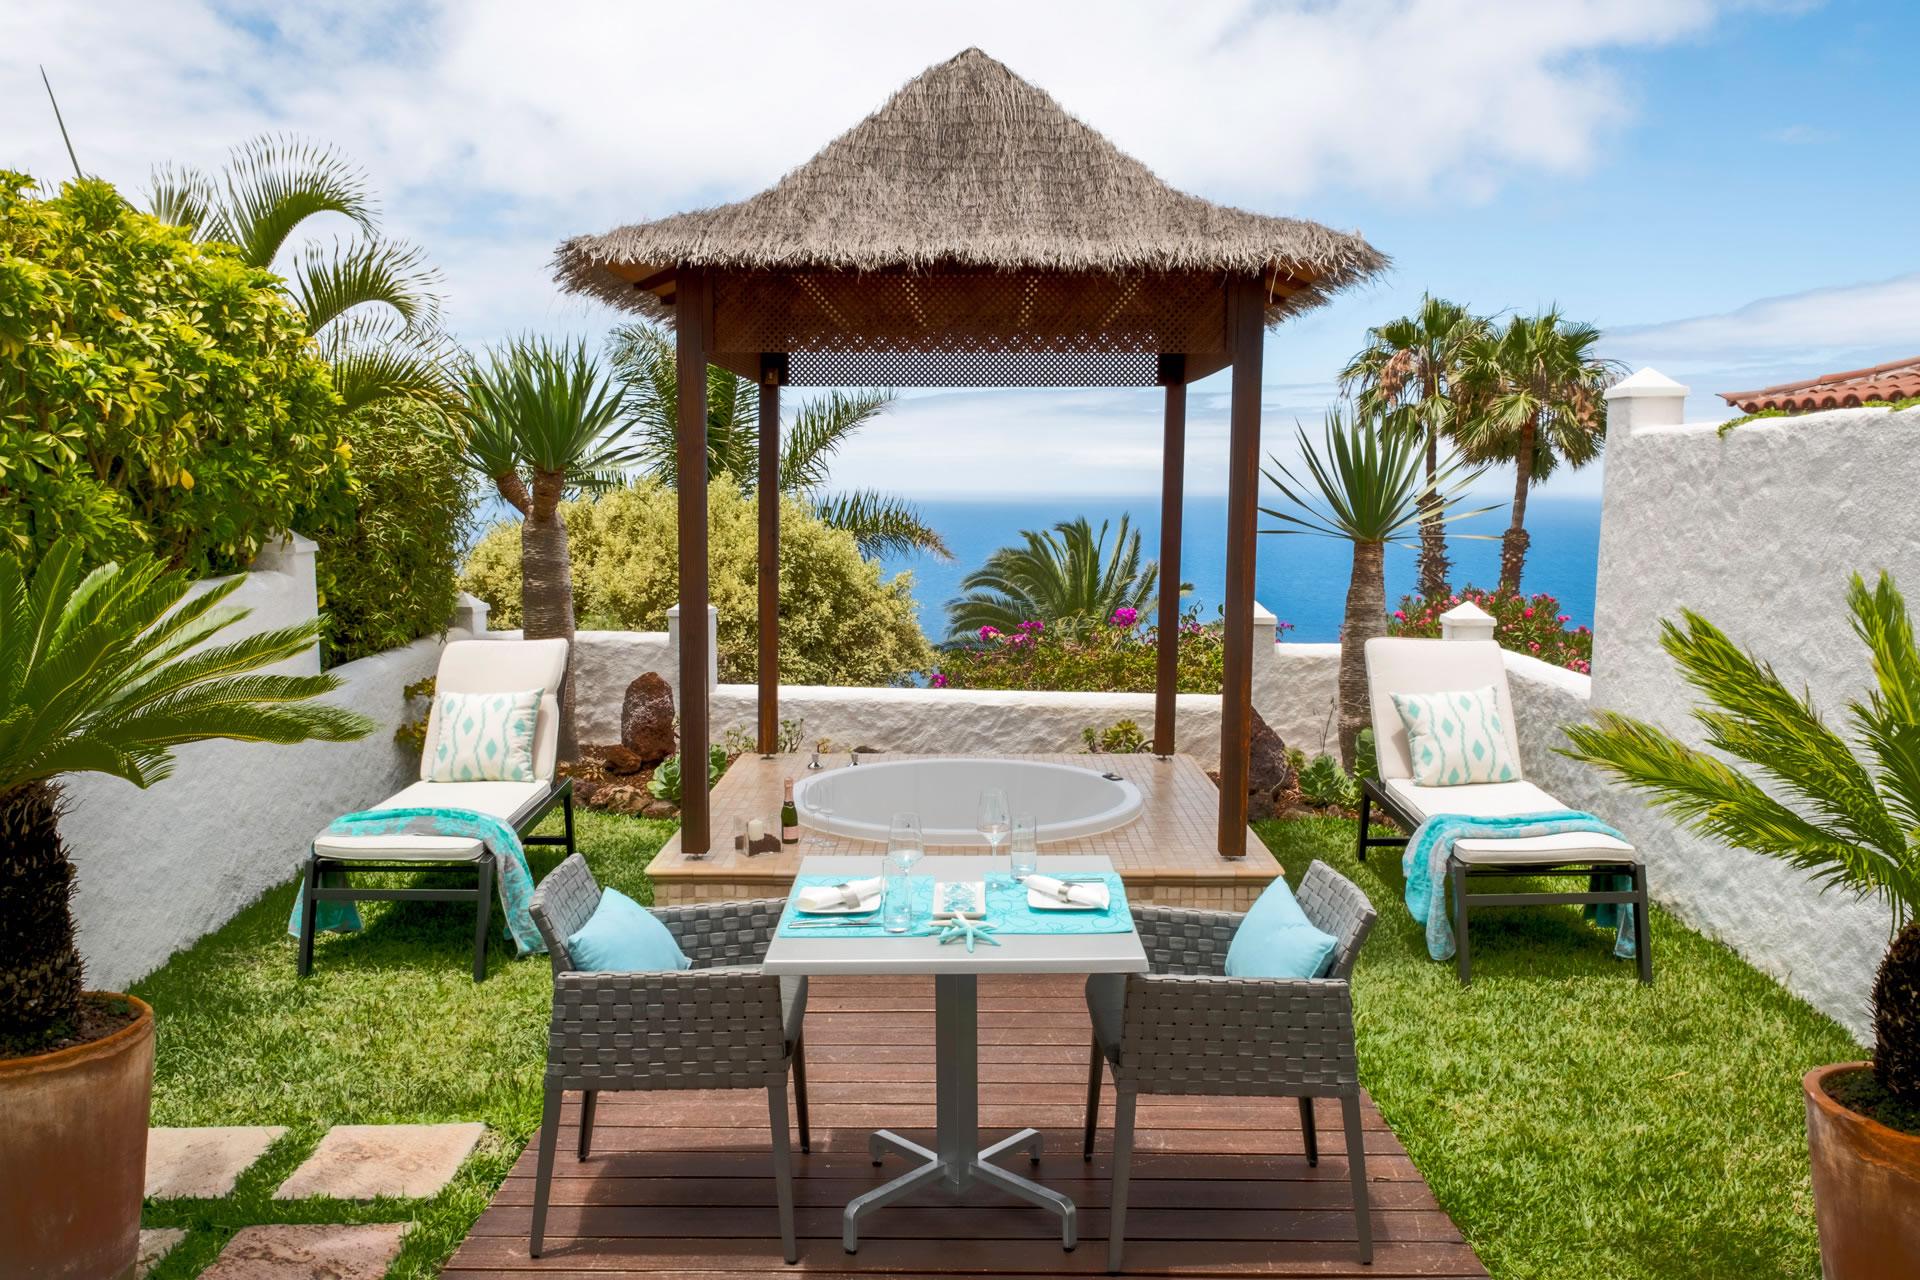 Insider Tip Jardin De La Paz: Dream Hotel In Tenerife With ... tout Casa Table De Jardin